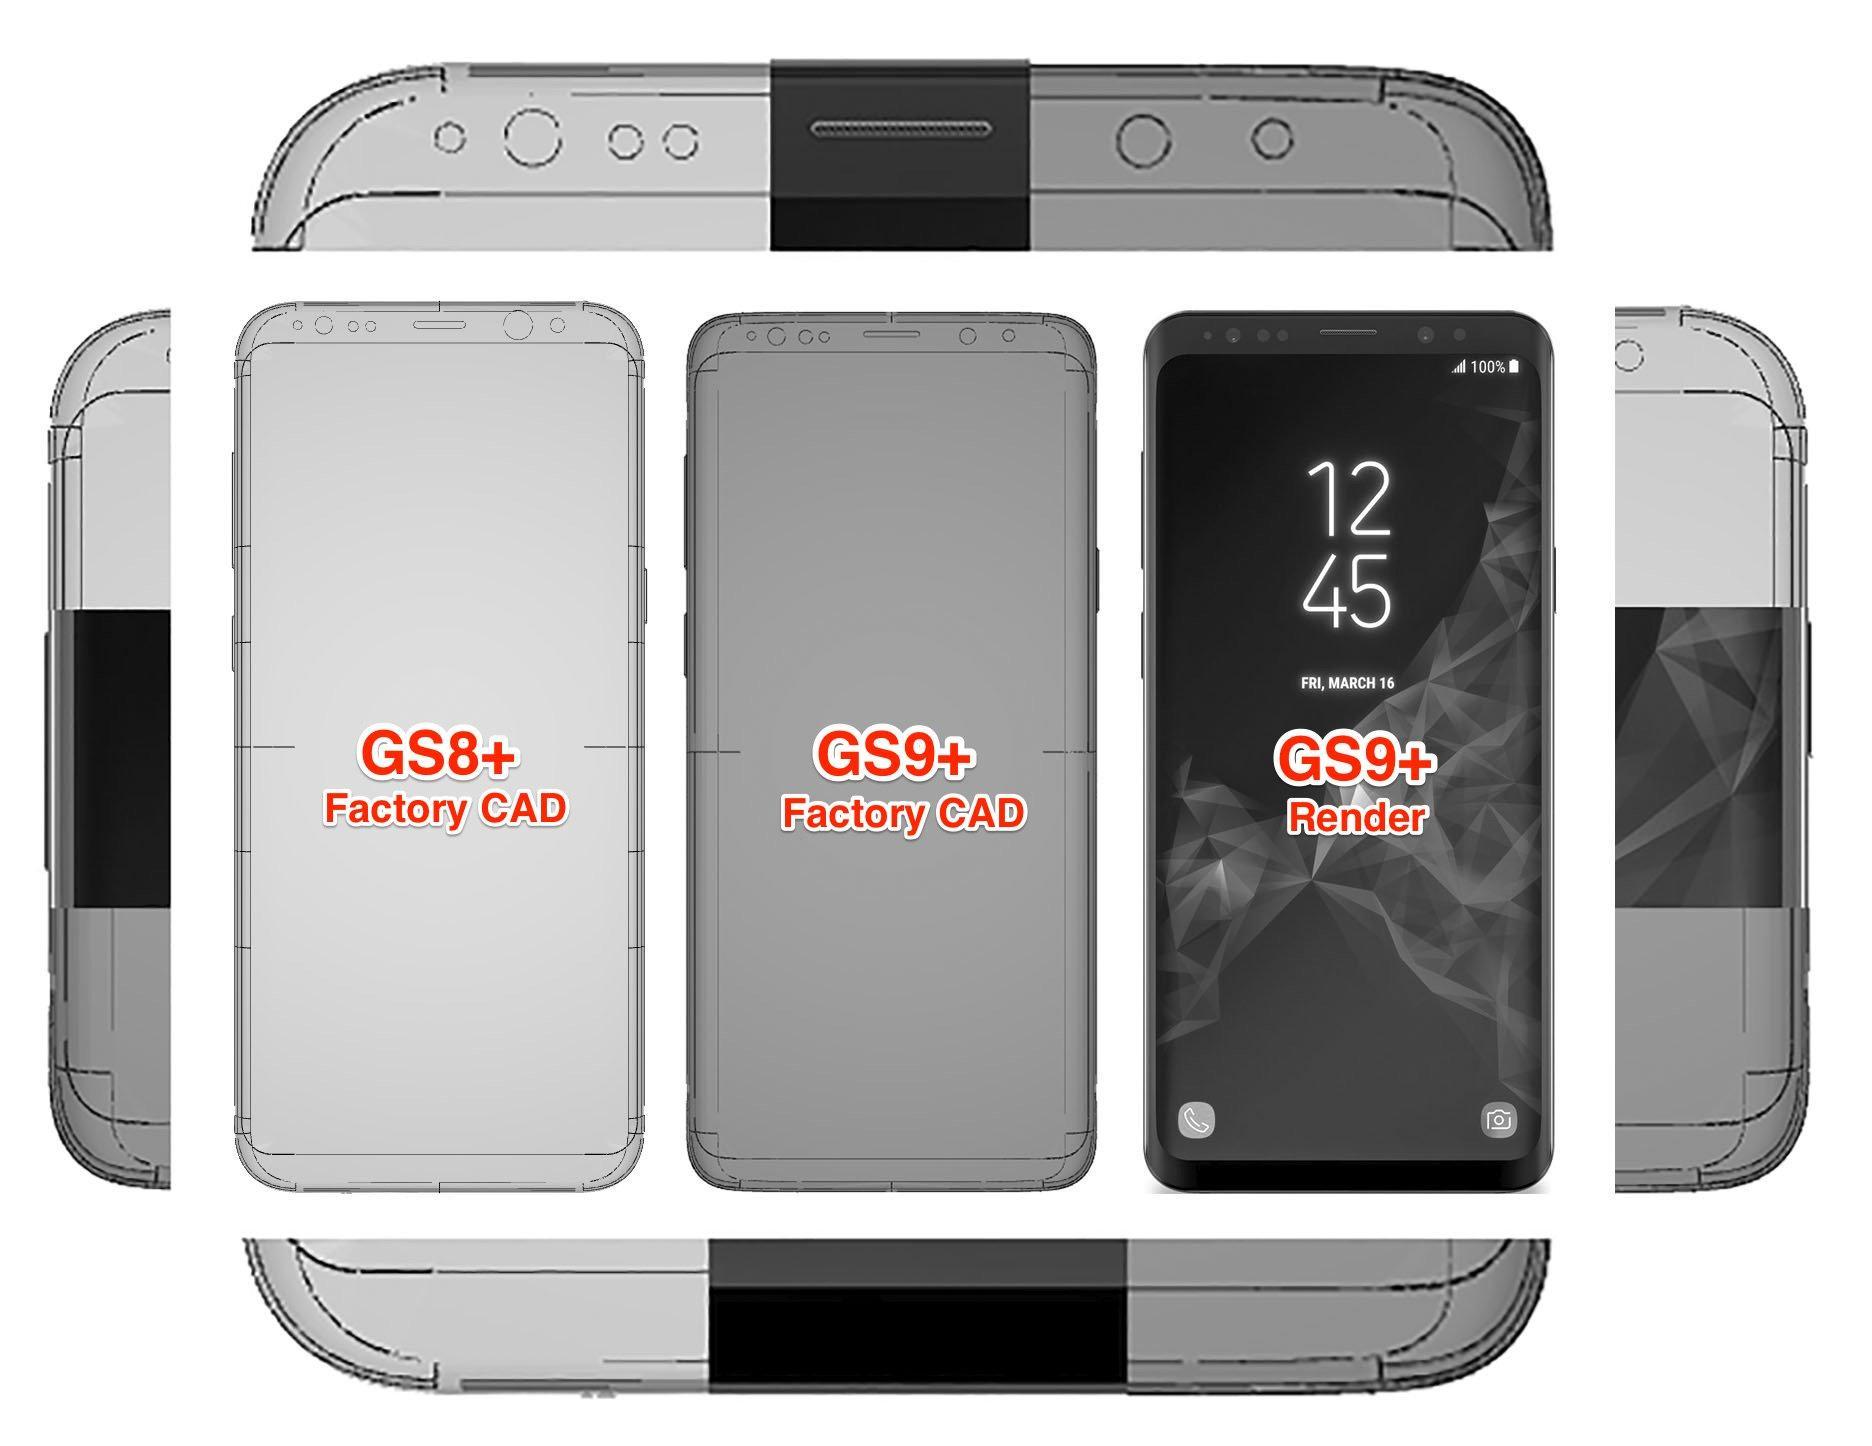 Galaxy S9 specs and bezel size measured in latest leak - SlashGear